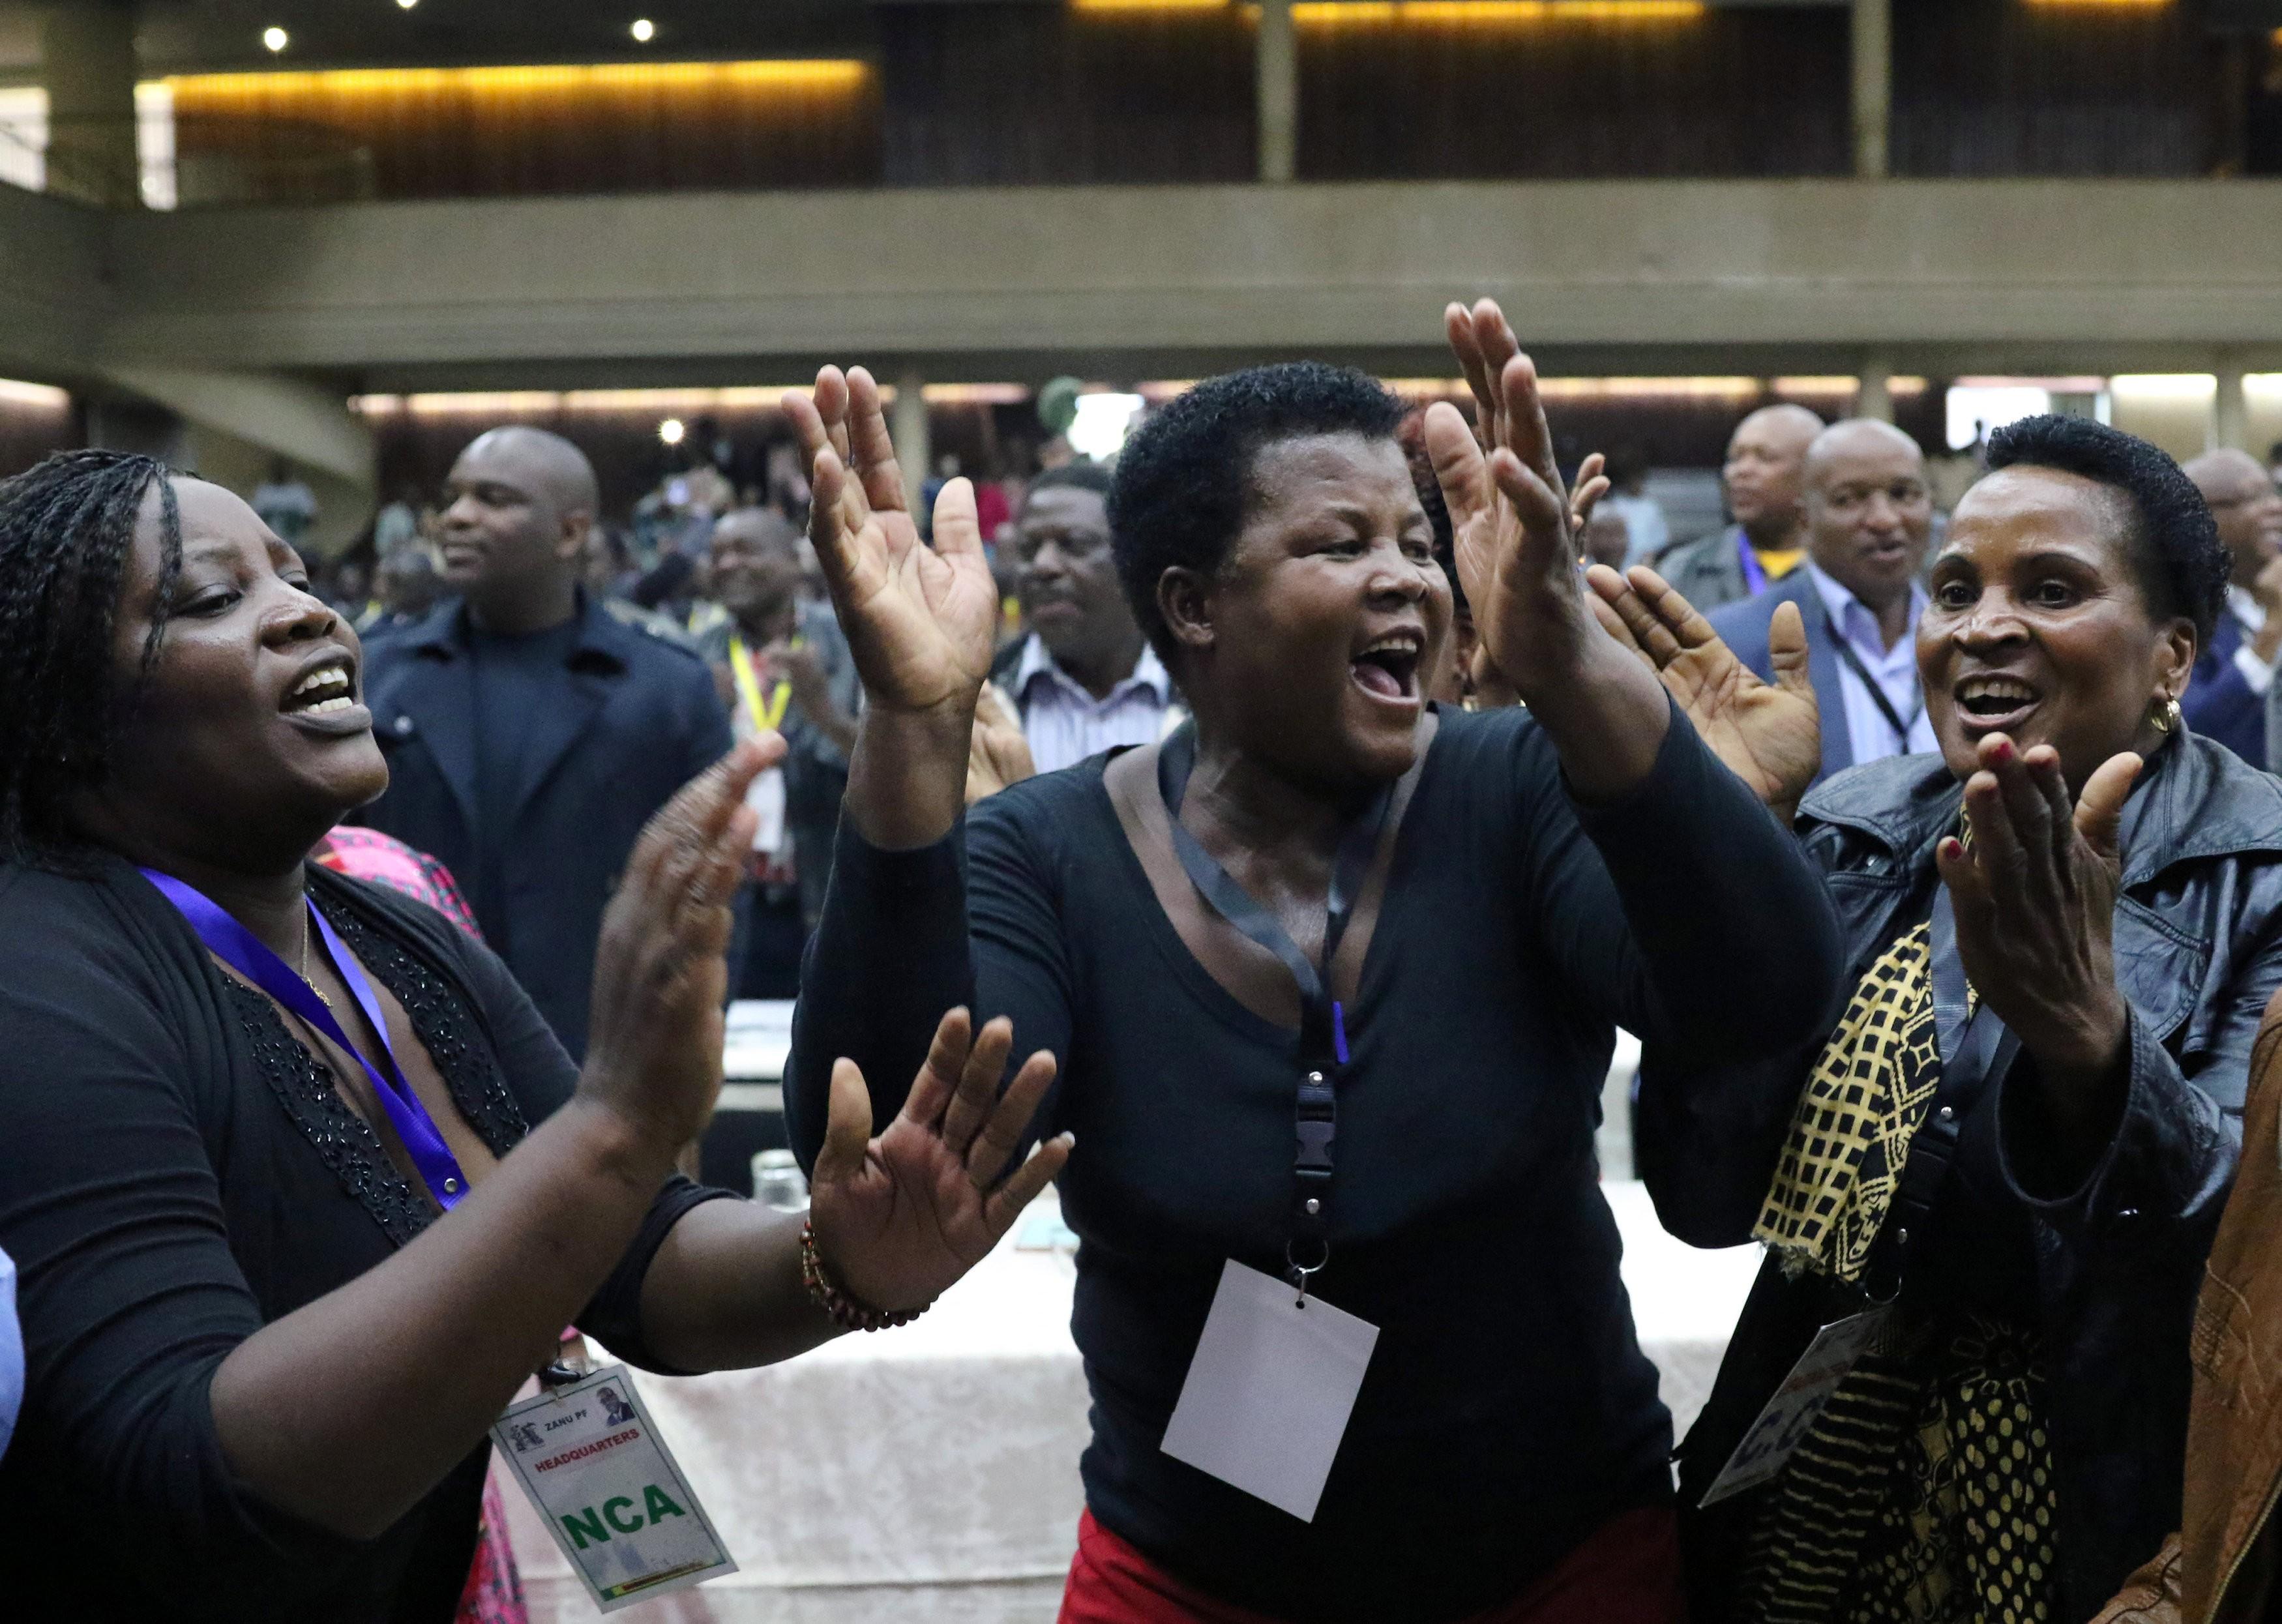 Partido expulsa Mugabe da liderança e exige renúncia à presidência do Zimbábue